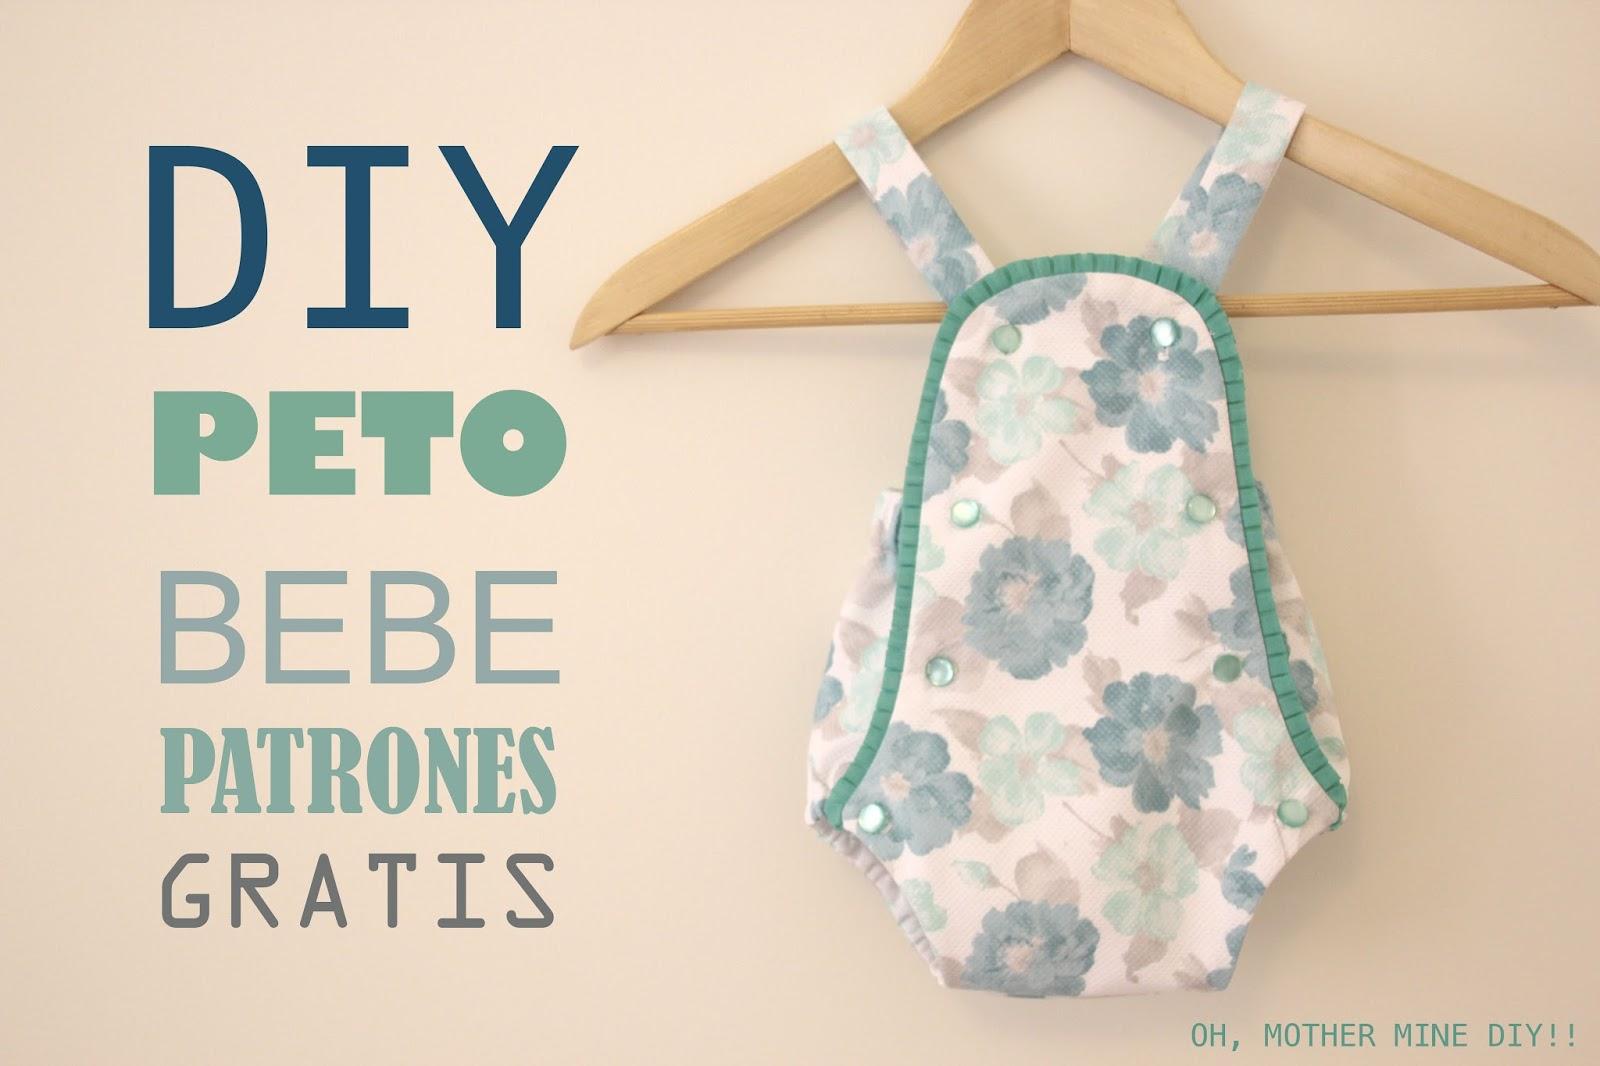 DIY Peto PELELE de bebe (patrones gratis) - HANDBOX